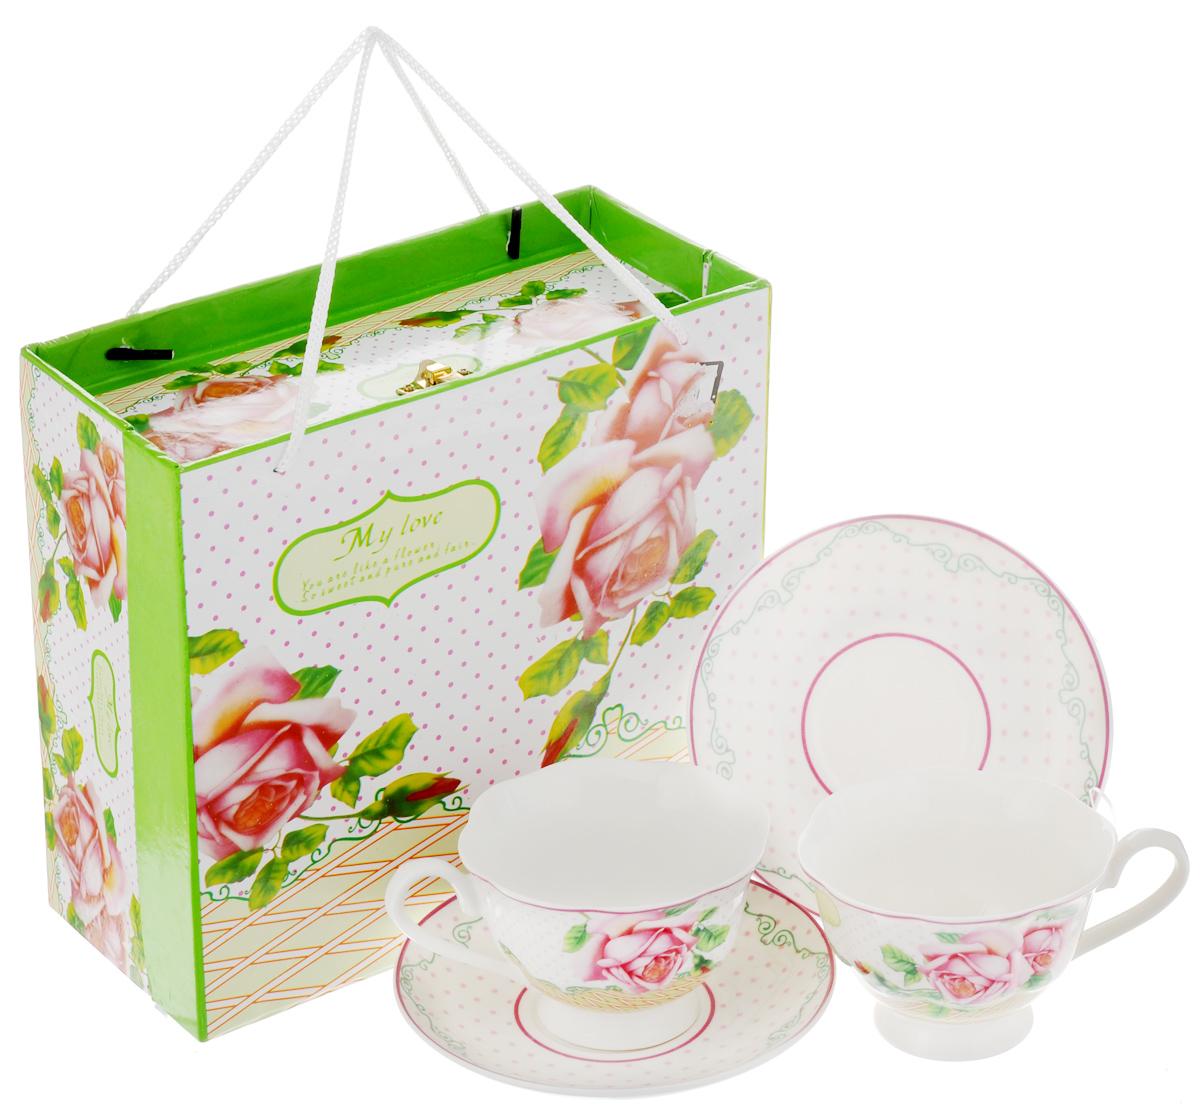 Набор чайный Loraine Розы, 4 предмета. 2302323023Чайный набор Loraine Розы состоит из двух чашек и двух блюдец. Изделия выполнены из высококачественного костяного фарфора и оформлены ярким изображением цветов. Изящный дизайн и красочность оформления придутся по вкусу и ценителям классики, и тем, кто предпочитает утонченность и изысканность. Чайный набор - идеальный и необходимый подарок для вашего дома и для ваших друзей в праздники, юбилеи и торжества. Он также станет отличным корпоративным подарком и украшением любой кухни. Чайный набор упакован в подарочную коробку прямоугольной формы из плотного цветного картона, с замочком и веревочными ручками. Внутренняя часть коробки задрапирована белым атласом. Объем чашки: 200 мл. Диаметр чашки (по верхнему краю): 9,5 см. Высота чашки: 6,5 см. Диаметр блюдца: 14 см.